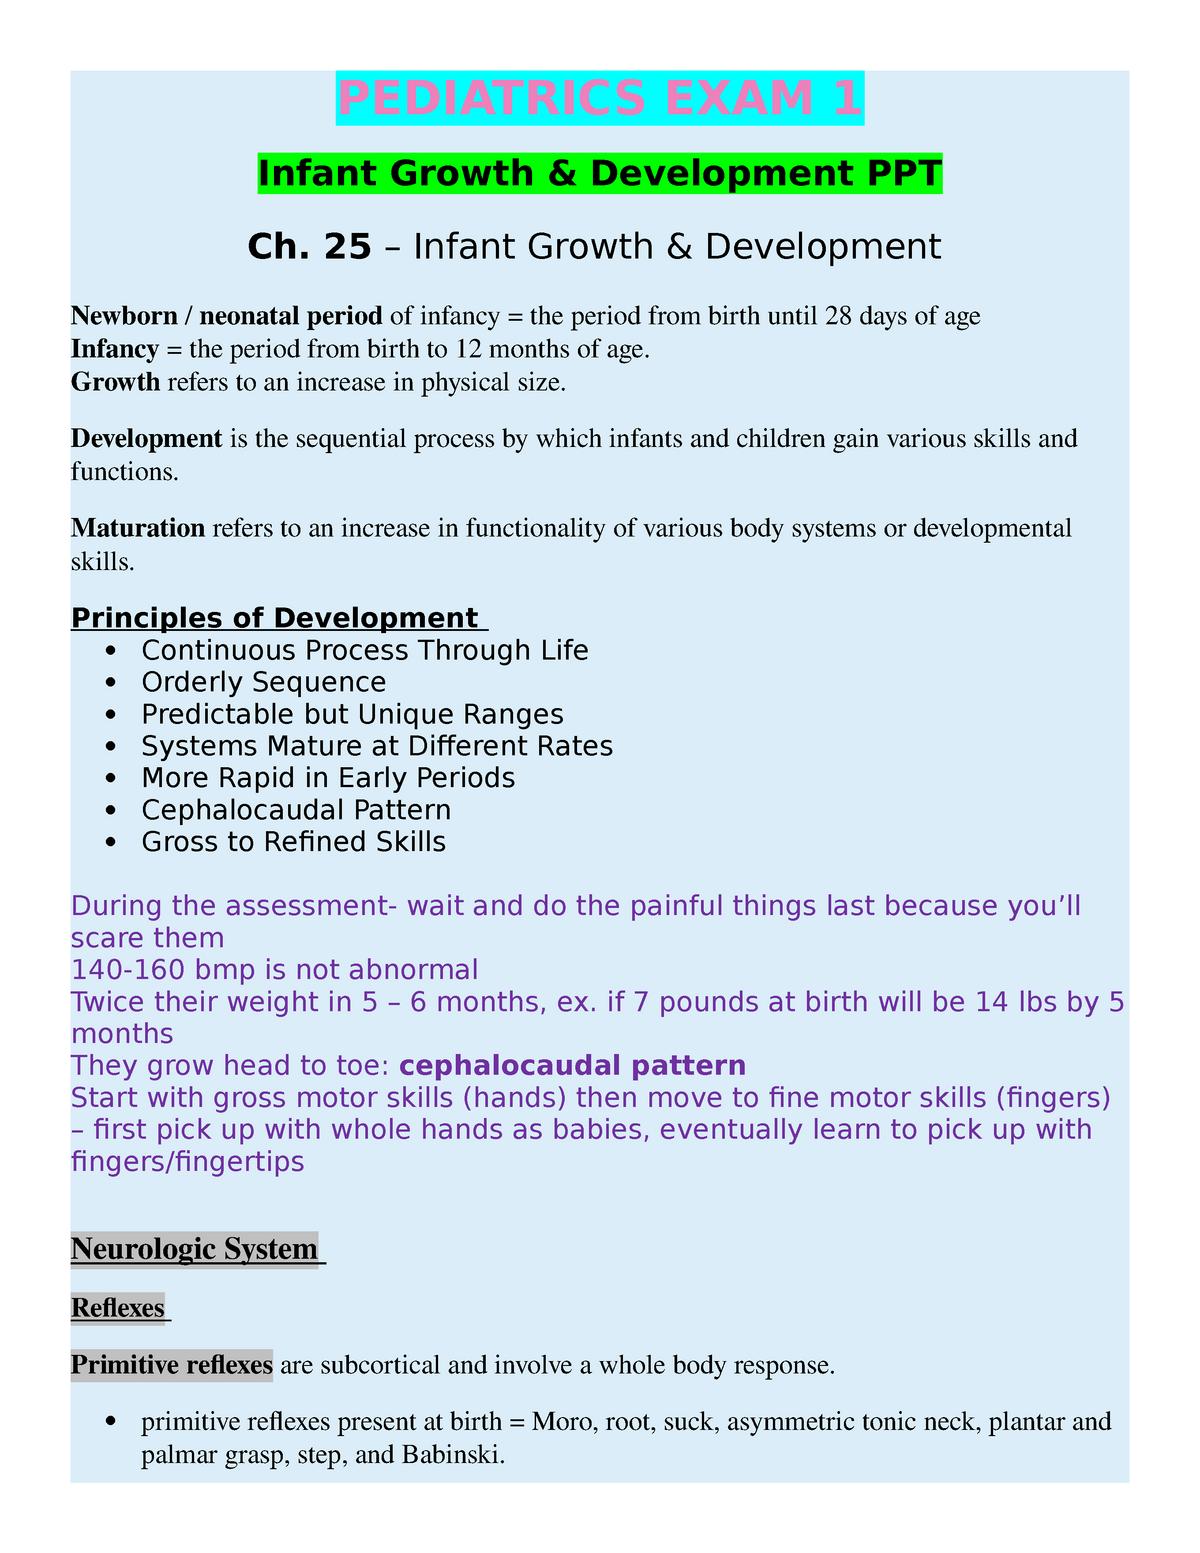 Peds Exam 1 JS* - Comprehensive review of Professor Lewis Nursing